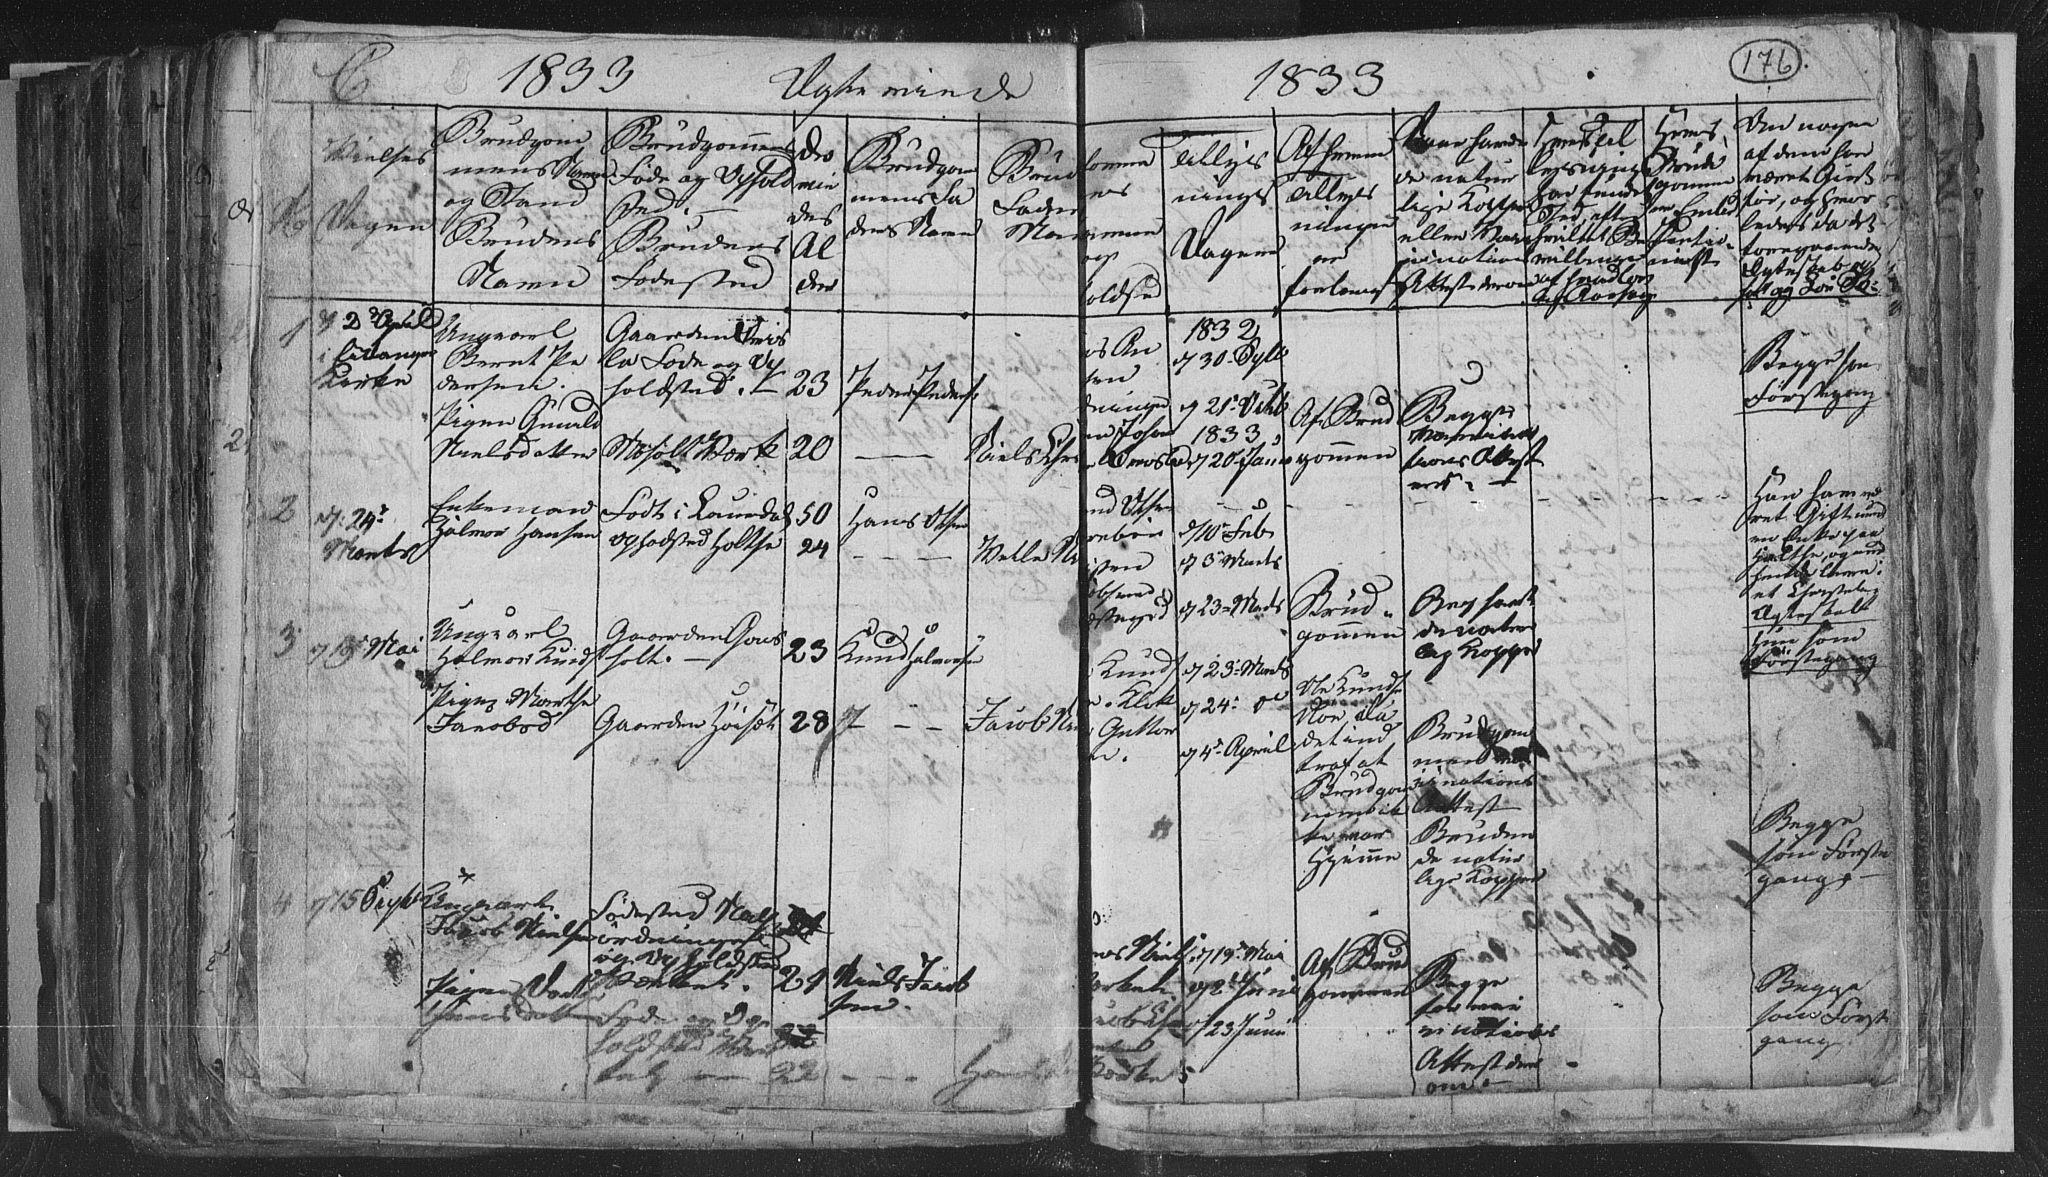 SAKO, Siljan kirkebøker, G/Ga/L0001: Klokkerbok nr. 1, 1827-1847, s. 176